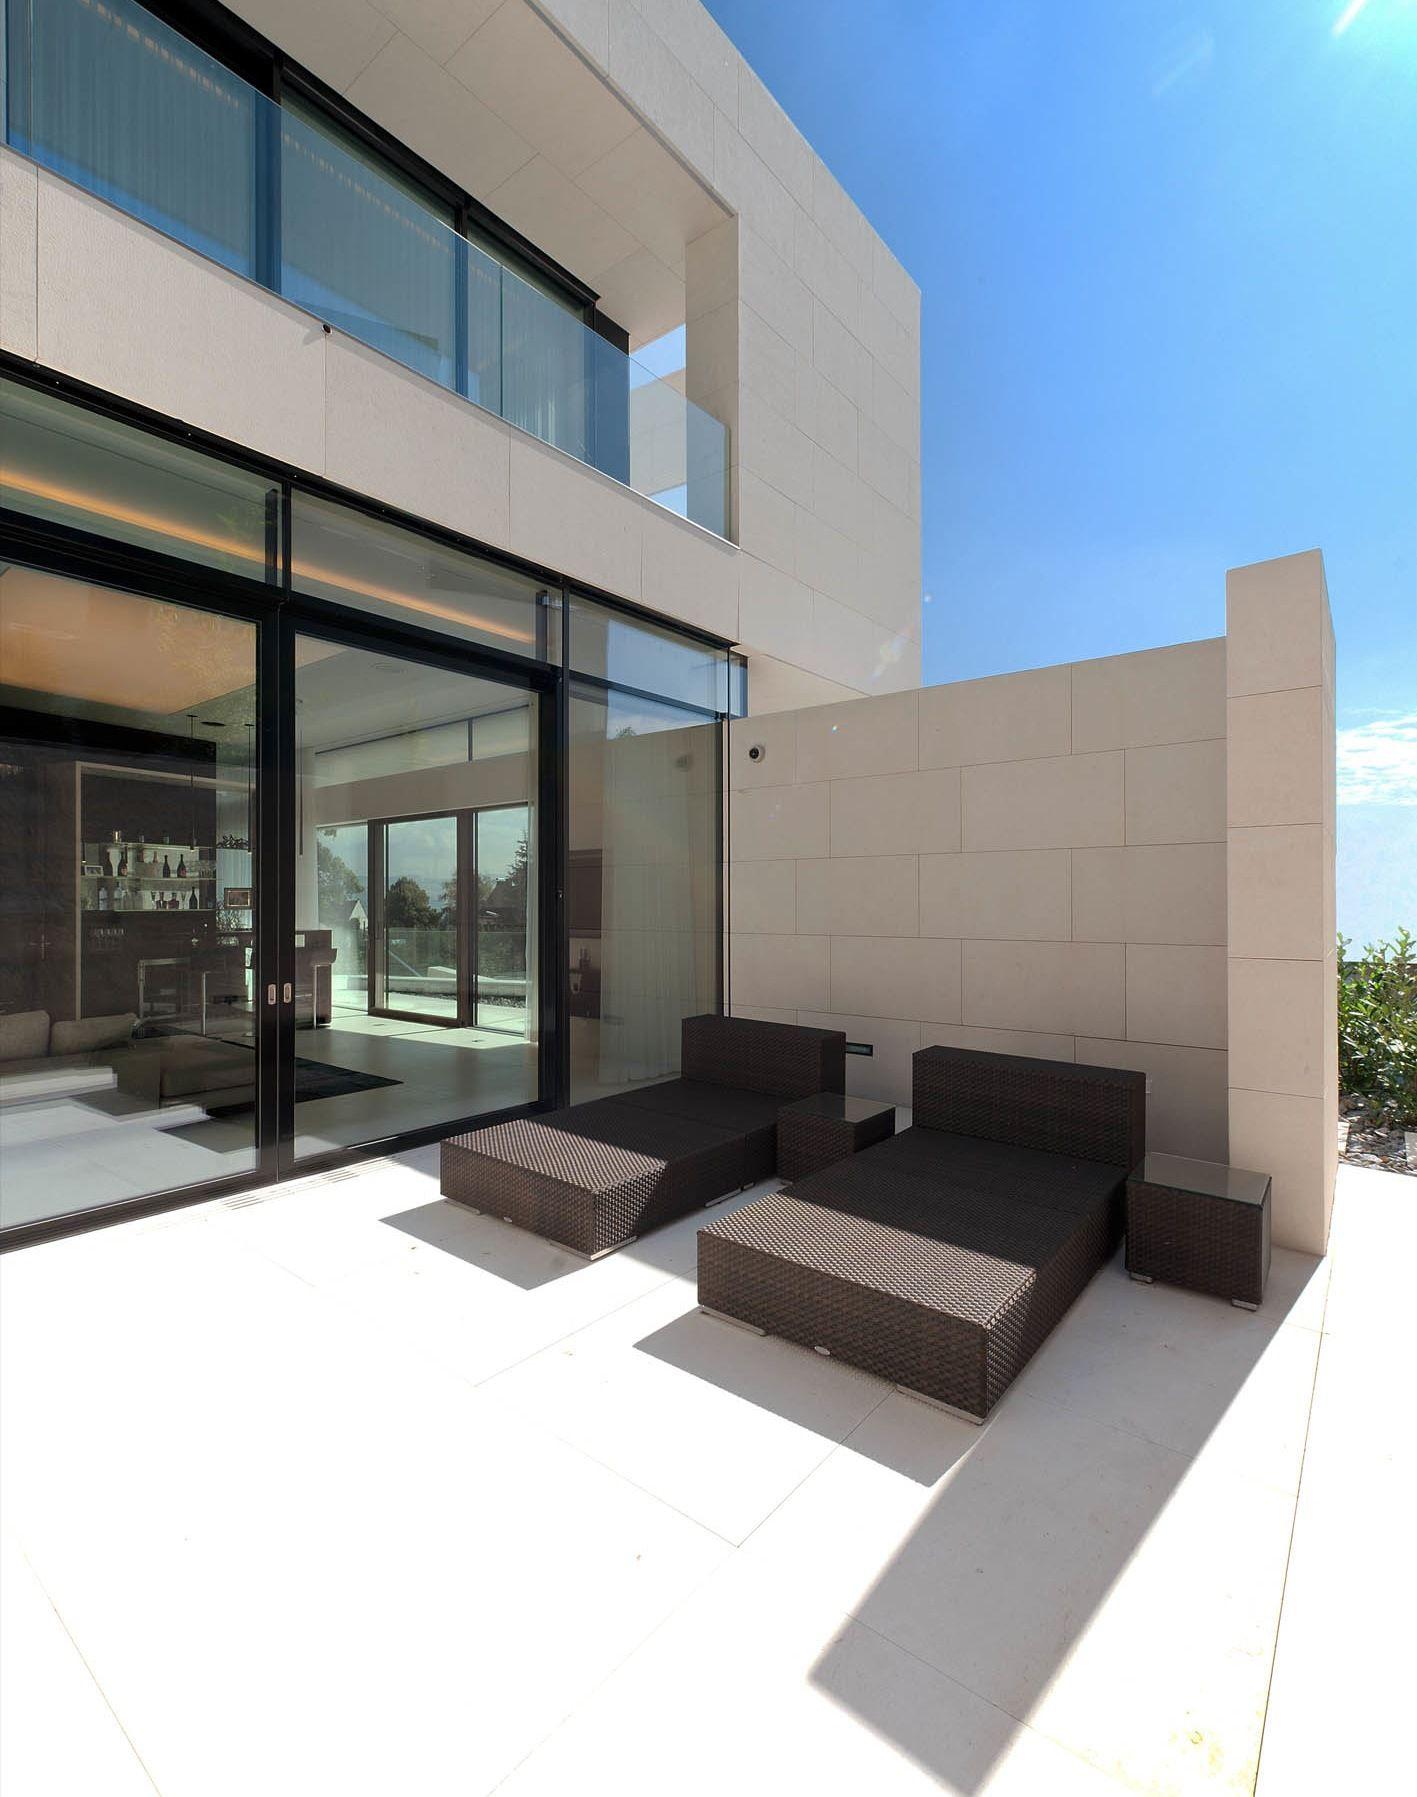 51926244b3fc4b8df0000066_villa-upper-austria-two-in-a-box-architekten_villa_upper_austria_-_06_-_two_in_a_box_-_architekten